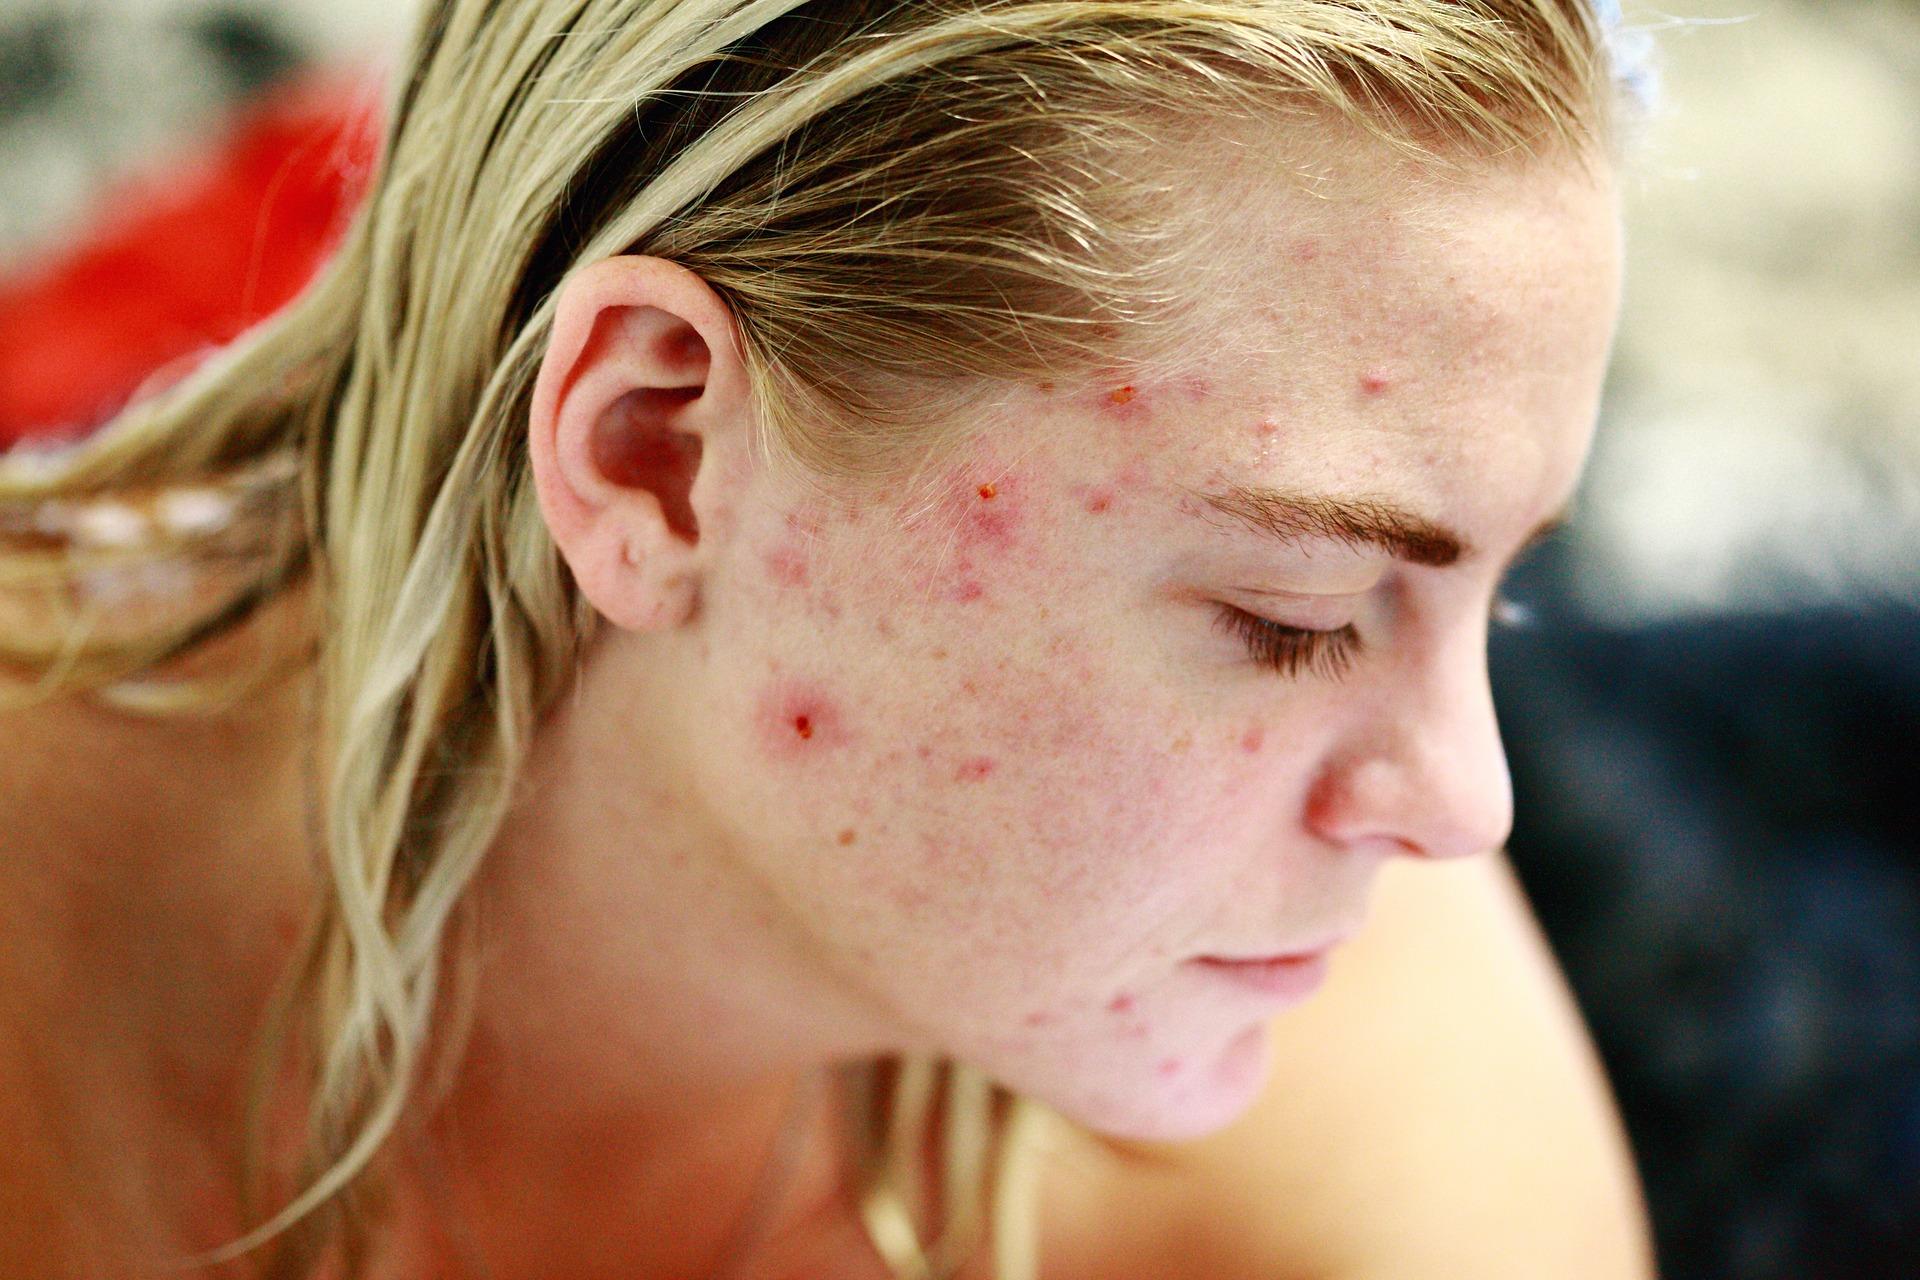 Problemas com acne: causas e como tratar